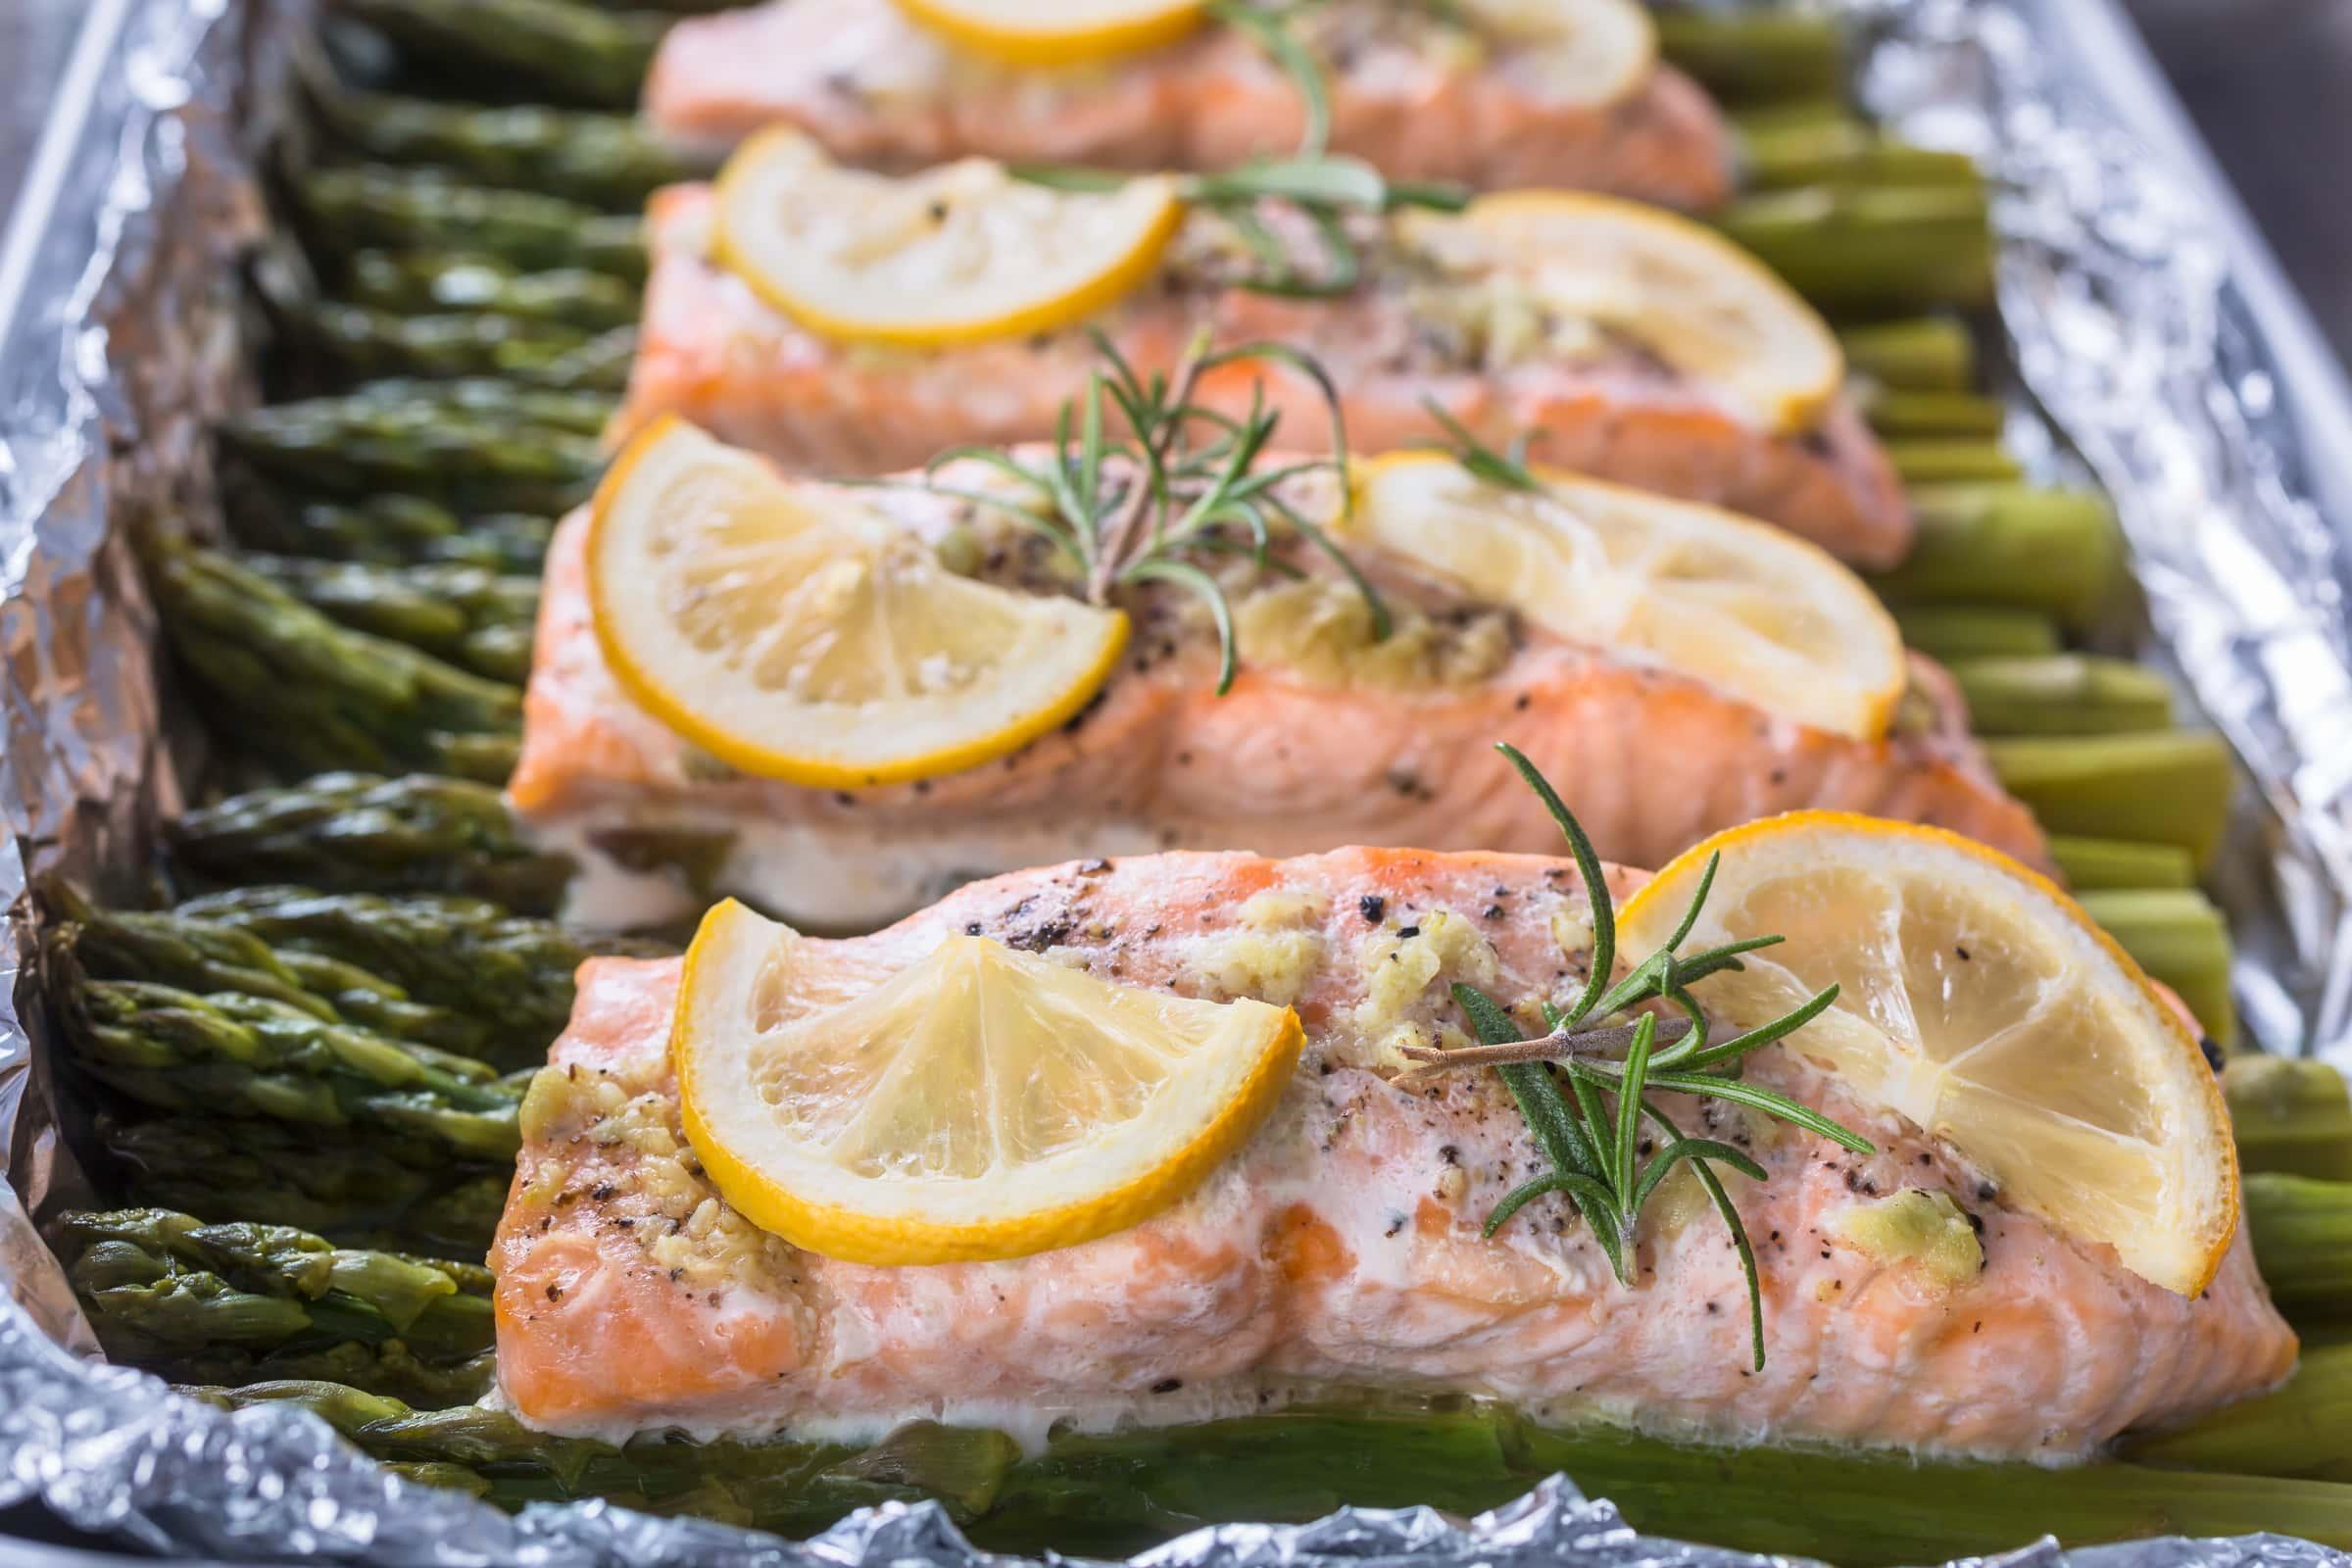 Ricetta Salmone Asparagi.Ricetta Salmone Al Forno Con Asparagi Il Club Delle Ricette